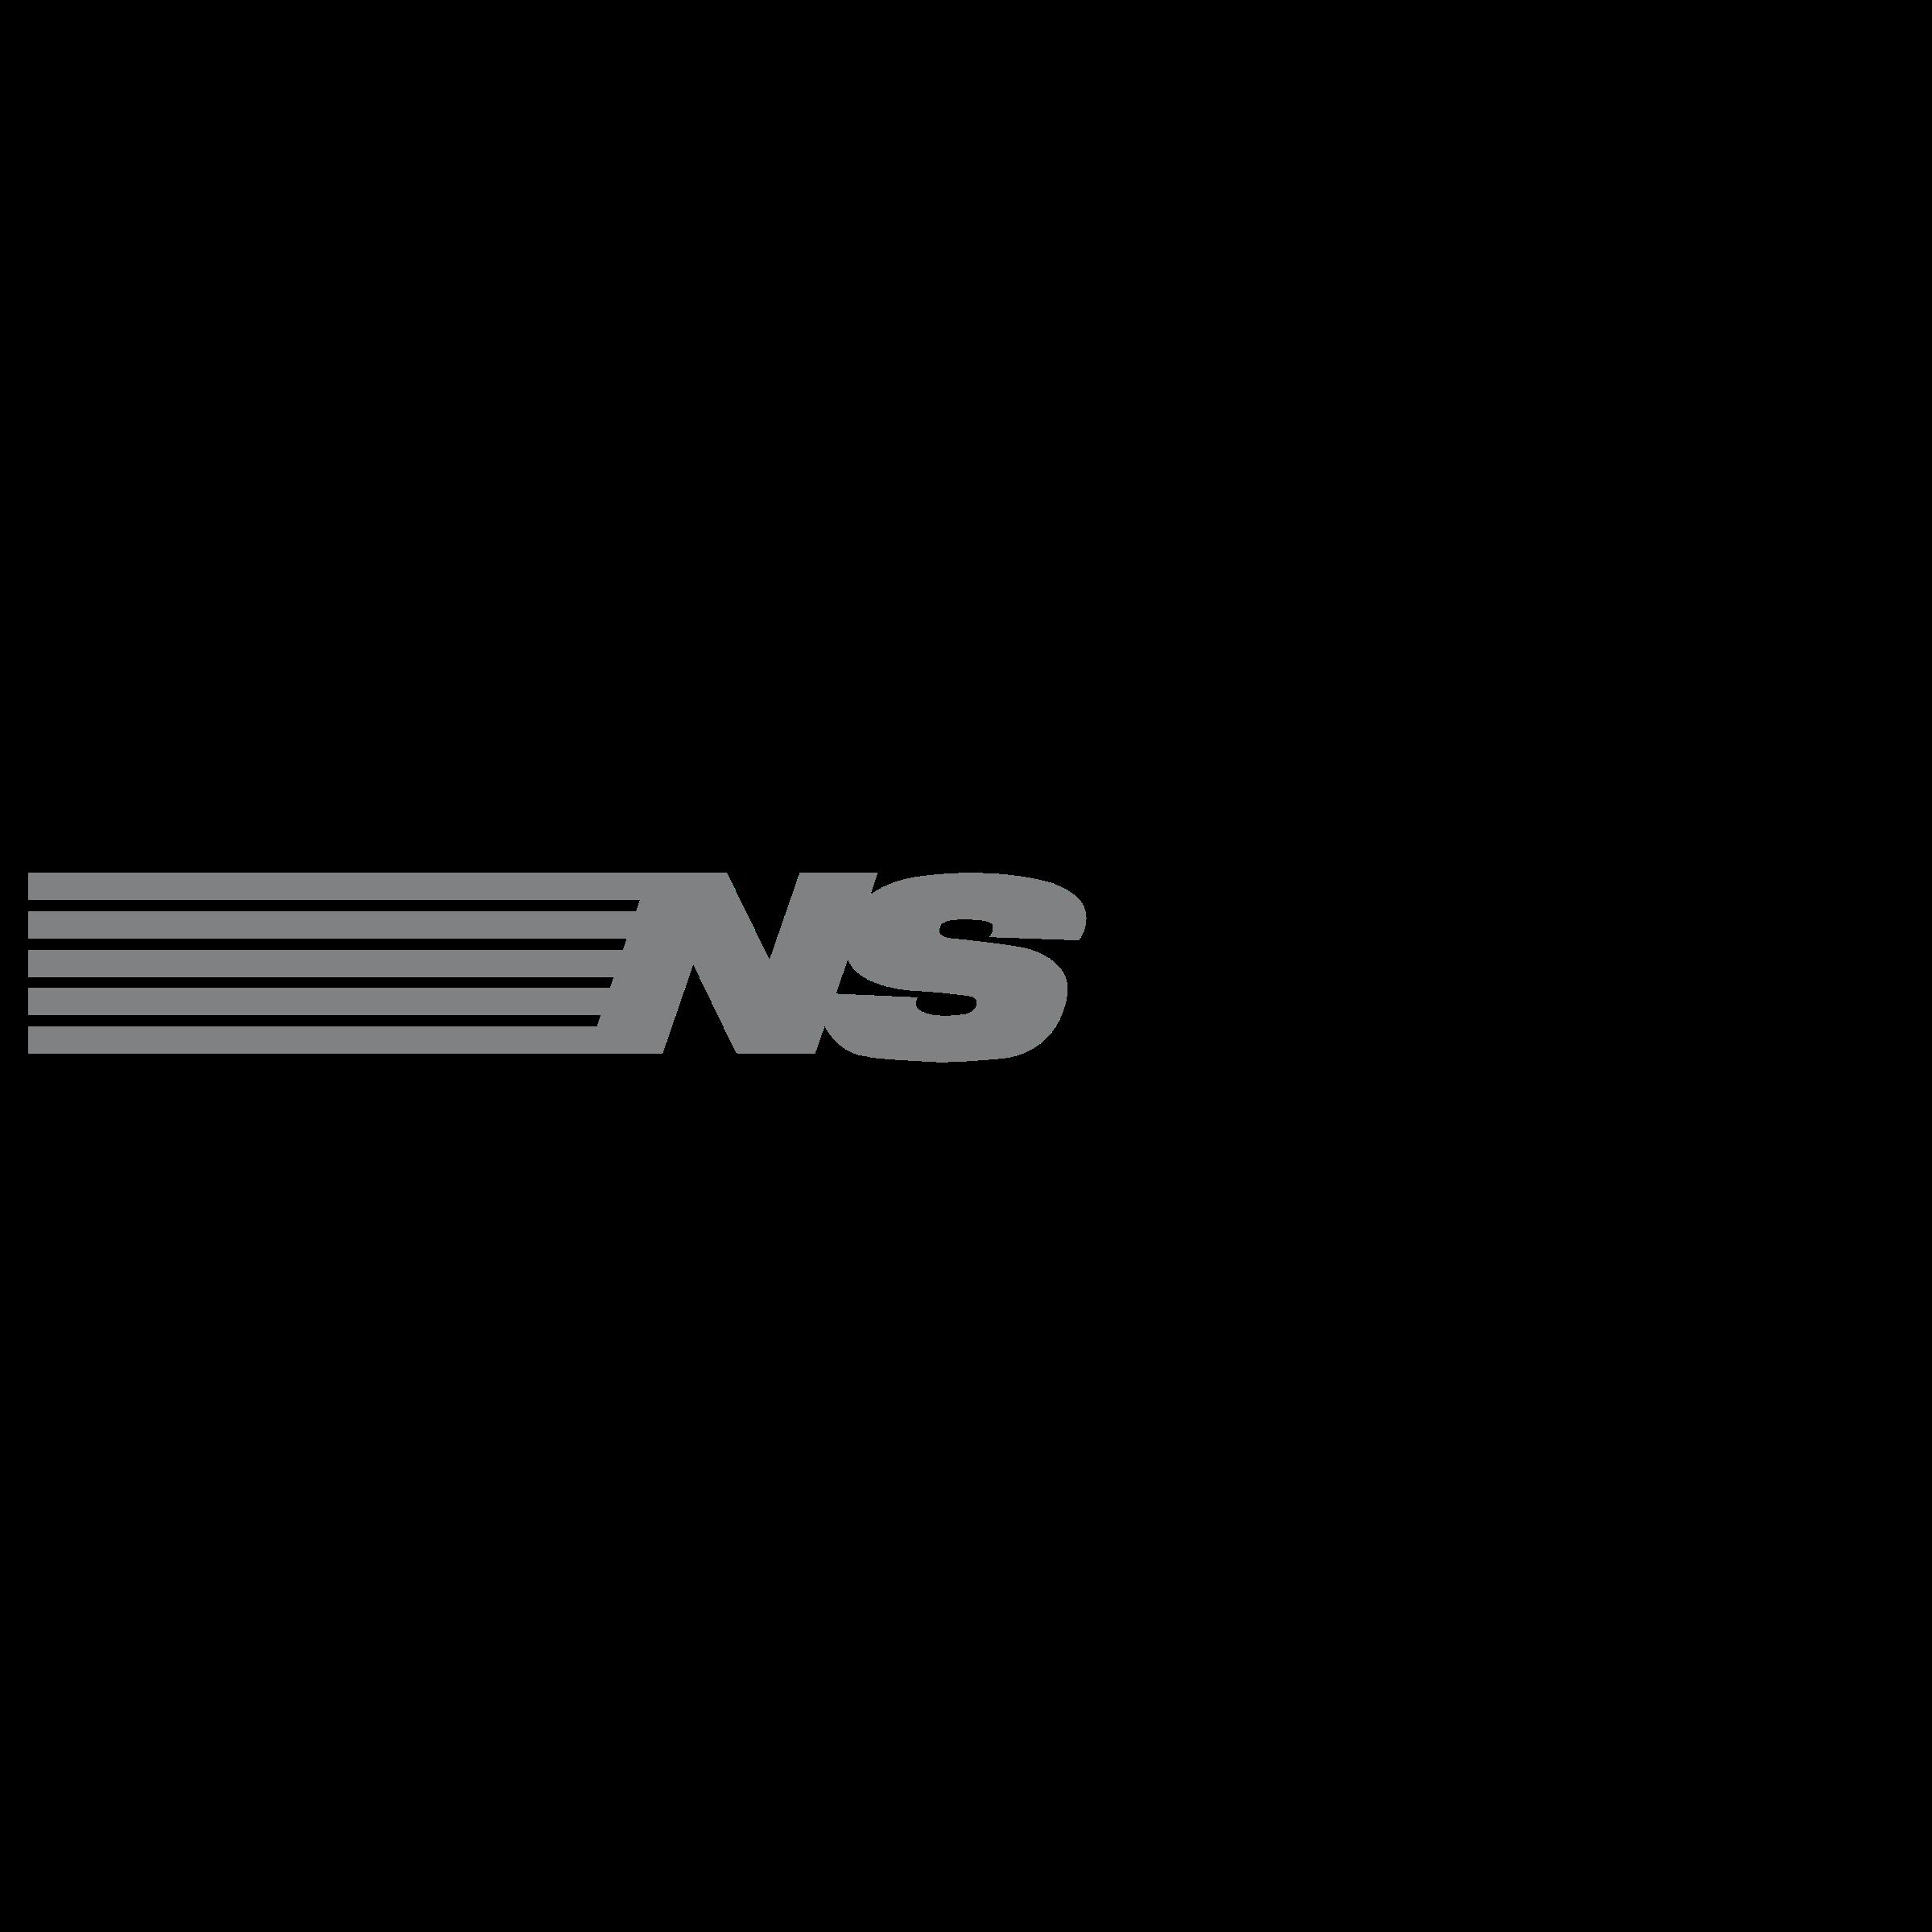 Norfolk Southern Logo PNG Transparent & SVG Vector.